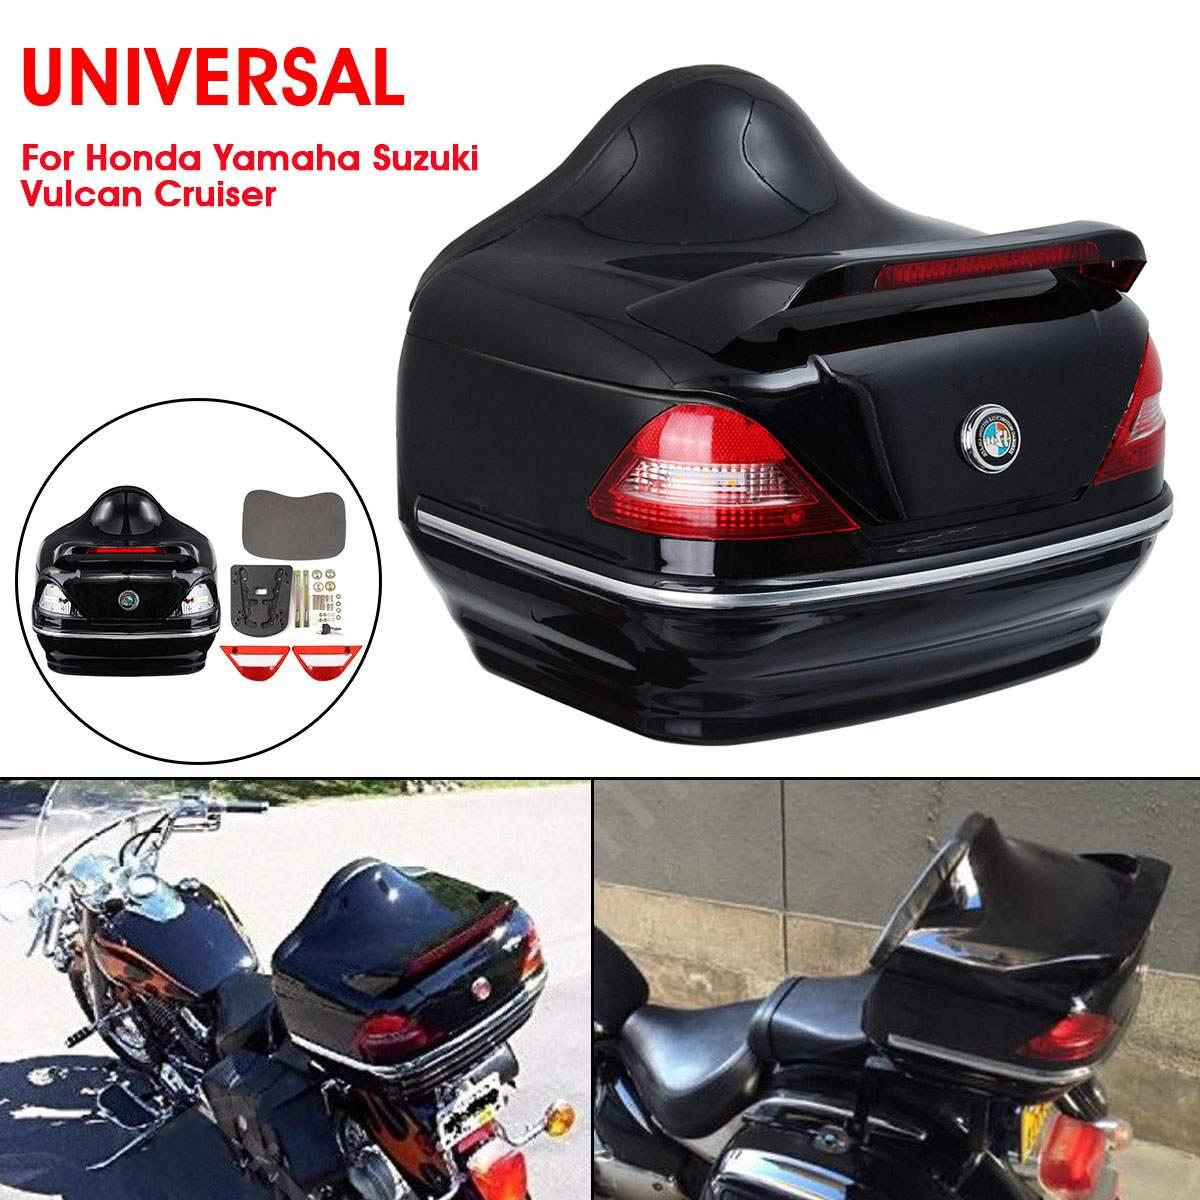 Maleta trasera 28L para motocicleta, caja de herramientas para casco, alforja para almacenamiento de equipaje con indicador de luz trasera Universal para Honda/Yamaha/Suzuki